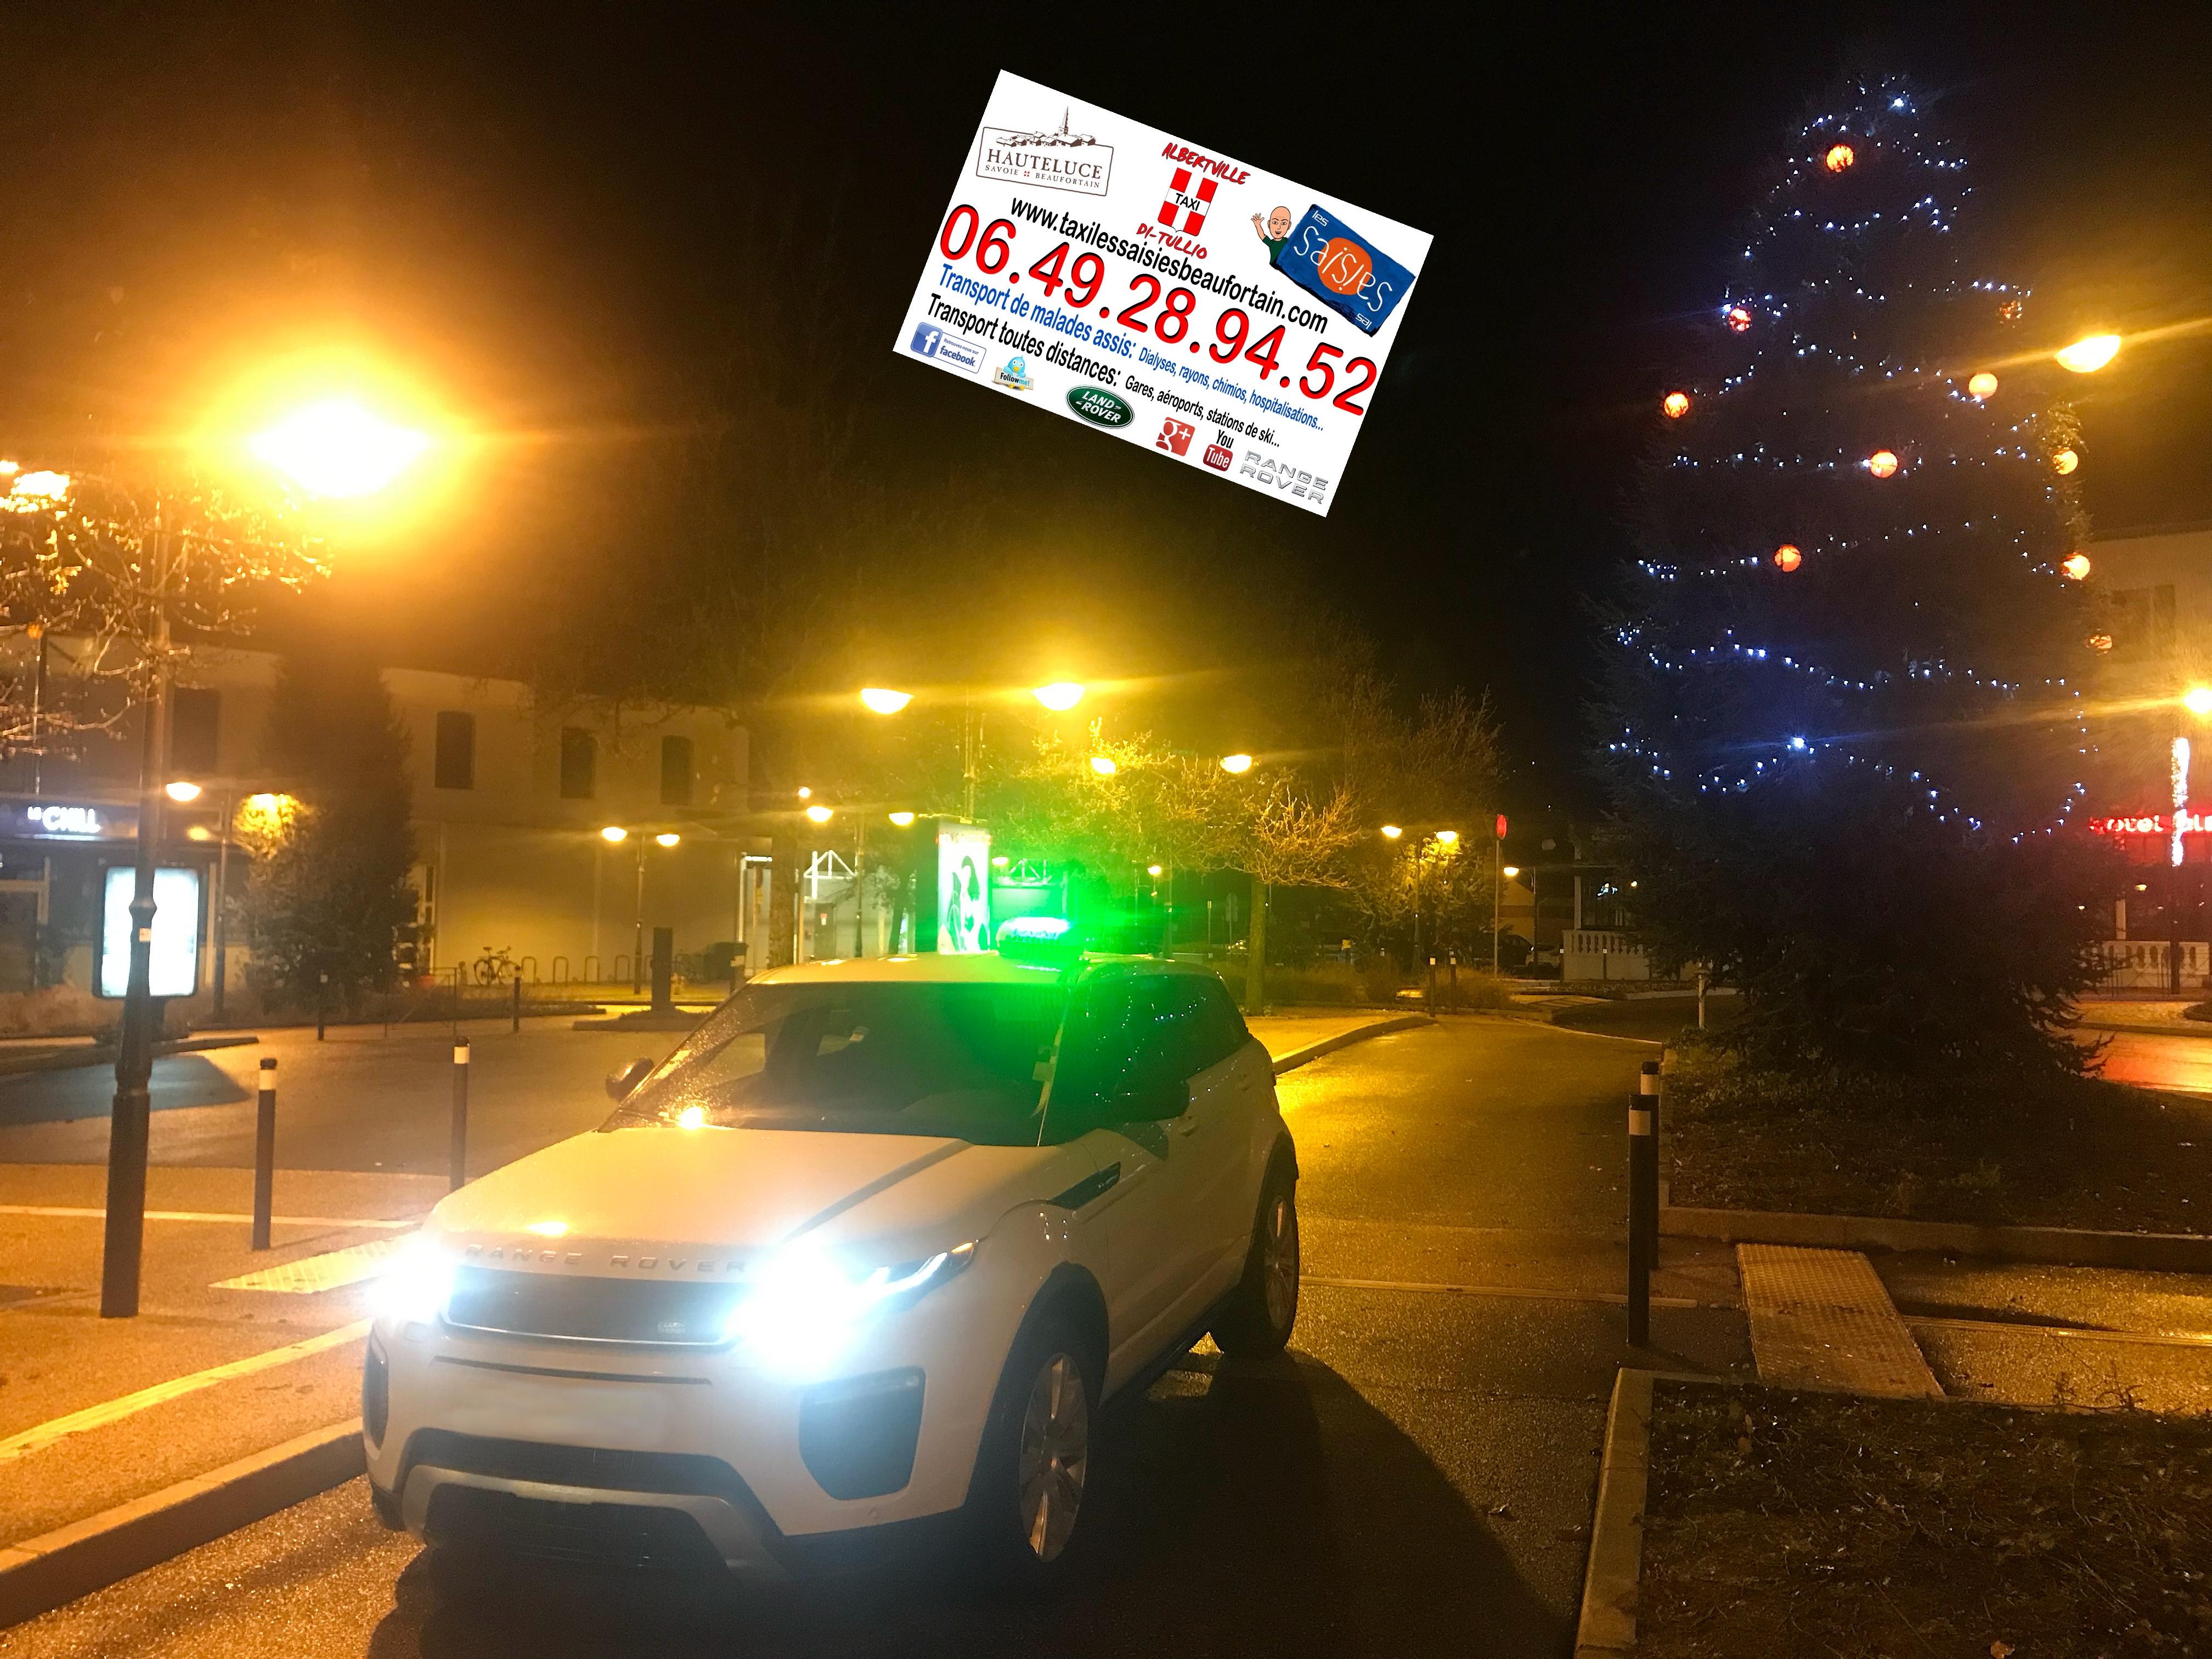 Taxi Range Rover 06.49.28.94.52